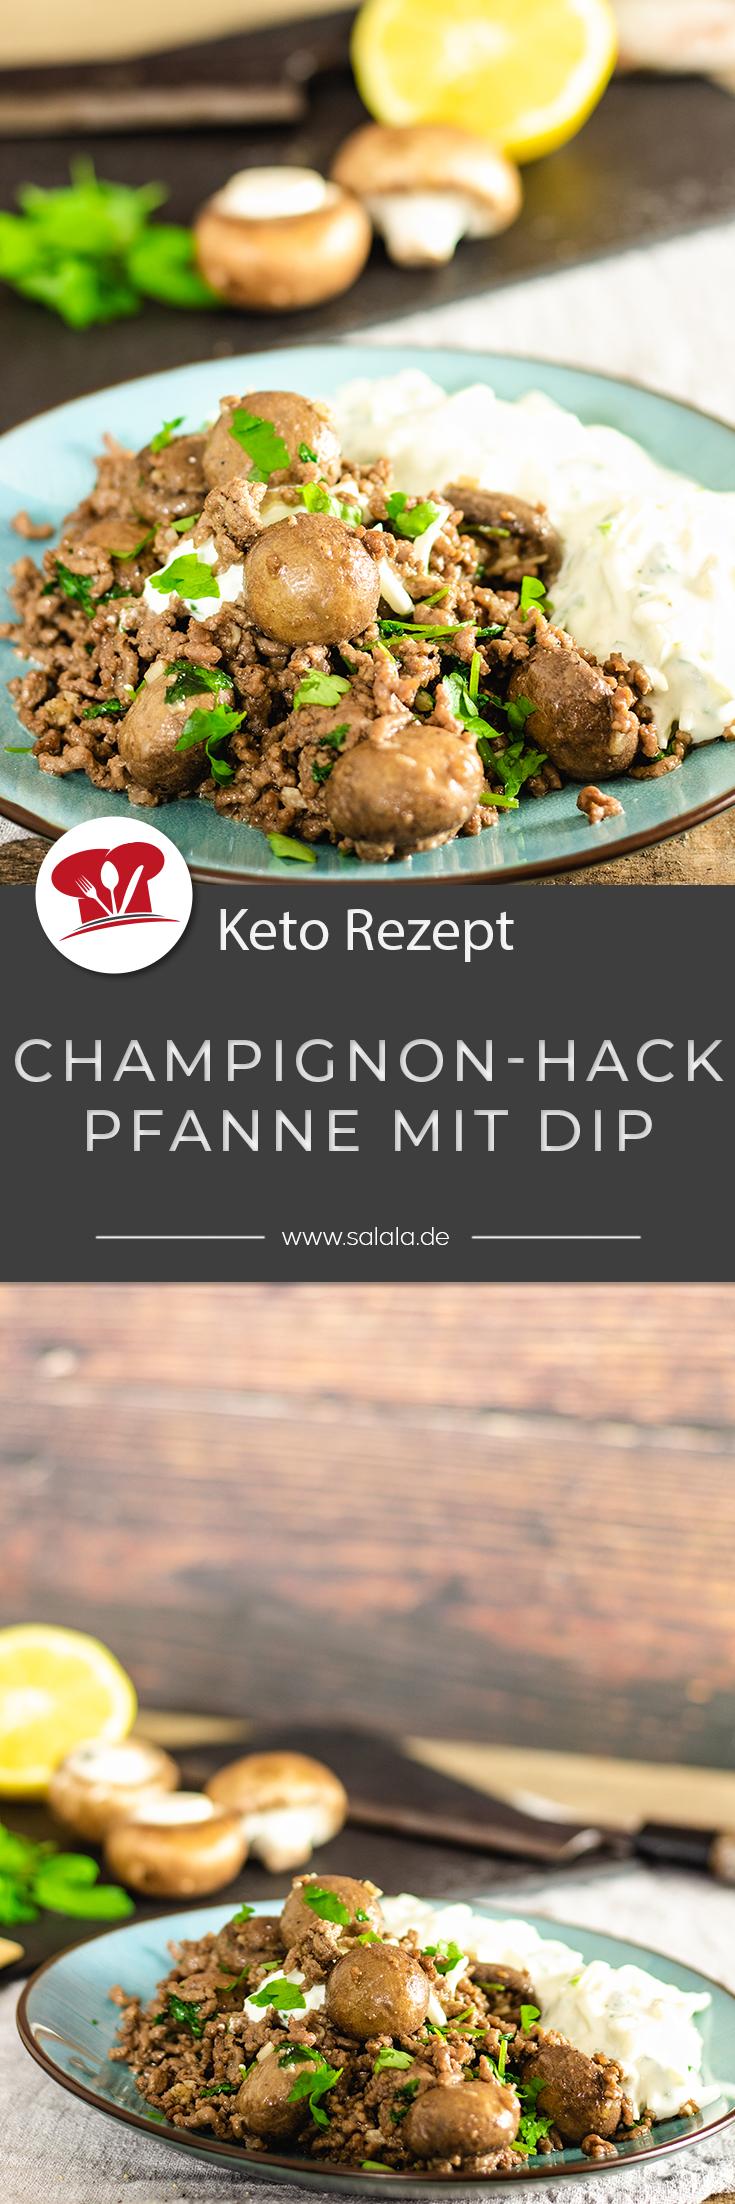 Schnelle Rezepte sind immer super, egal ob High oder Low Carb. Wie wär's denn heute mit einer Champignon-Hack-Pfanne? Dazu gibt's einen Dip aus Quark, Saurer Sahne, Kohlrabi und Knoblauch. Klingt gut? Dann schau dir das Rezept an und schlemm los. Ist nämlich total Keto und damit auch Low Carb. #ChampignonPfanne #RezepteMitHackfleisch #KetoRezepte #LowCarbRezepte #SchnelleRezepte #ChampignonHackfleisch #ChampignonHackPfanne